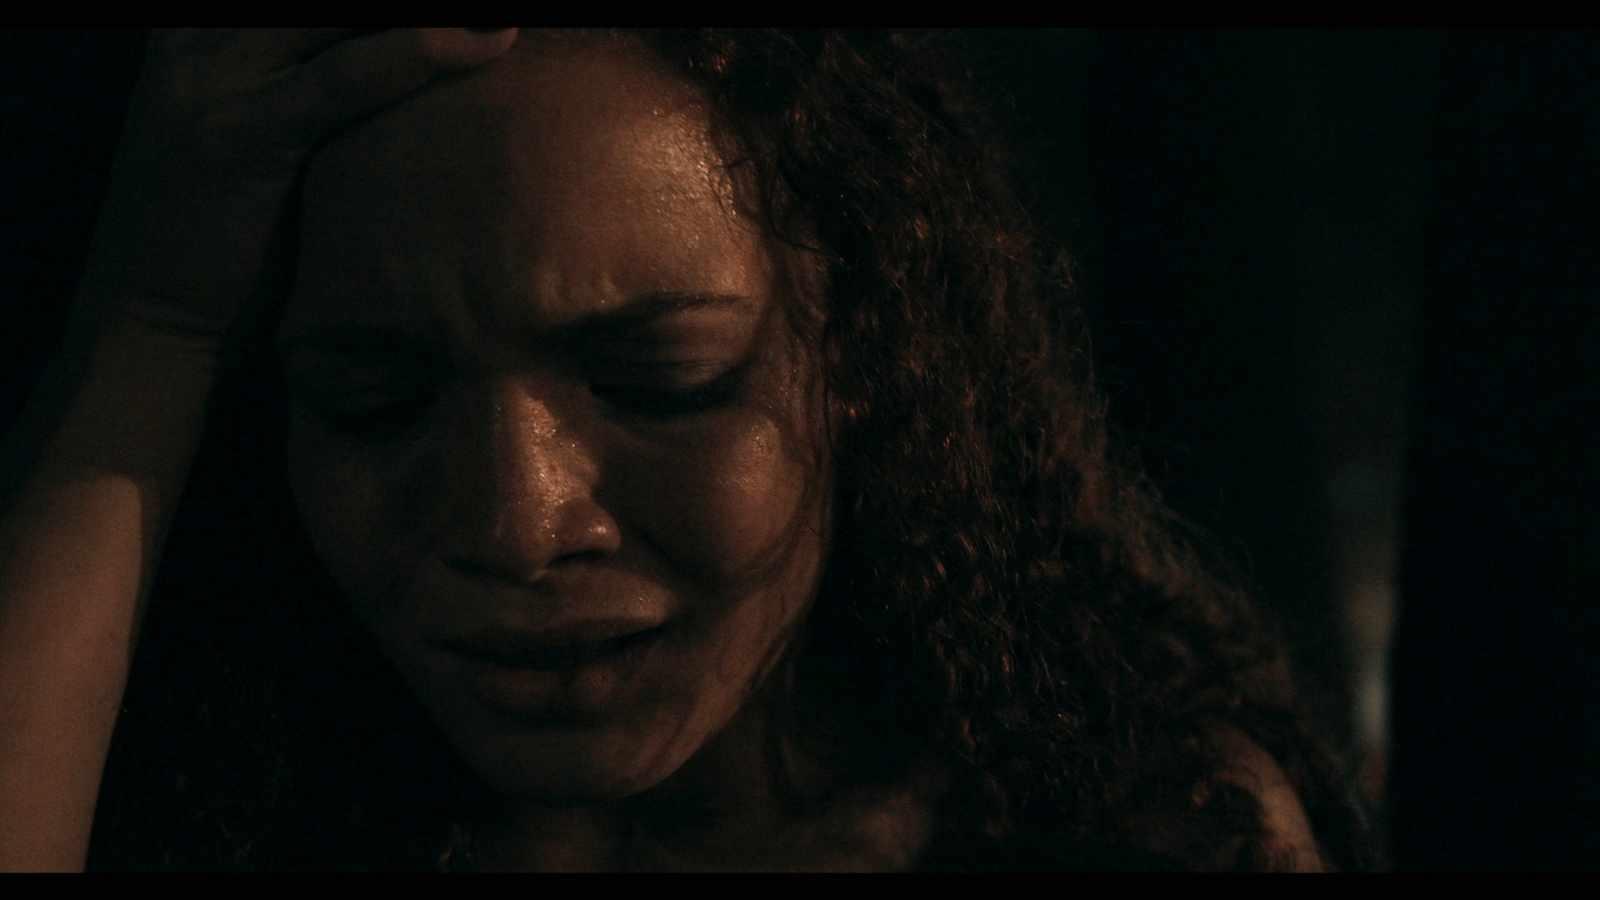 El documental 'Hijos de la trata' sobre el tráfico de personas estrena este 8 de Marzo